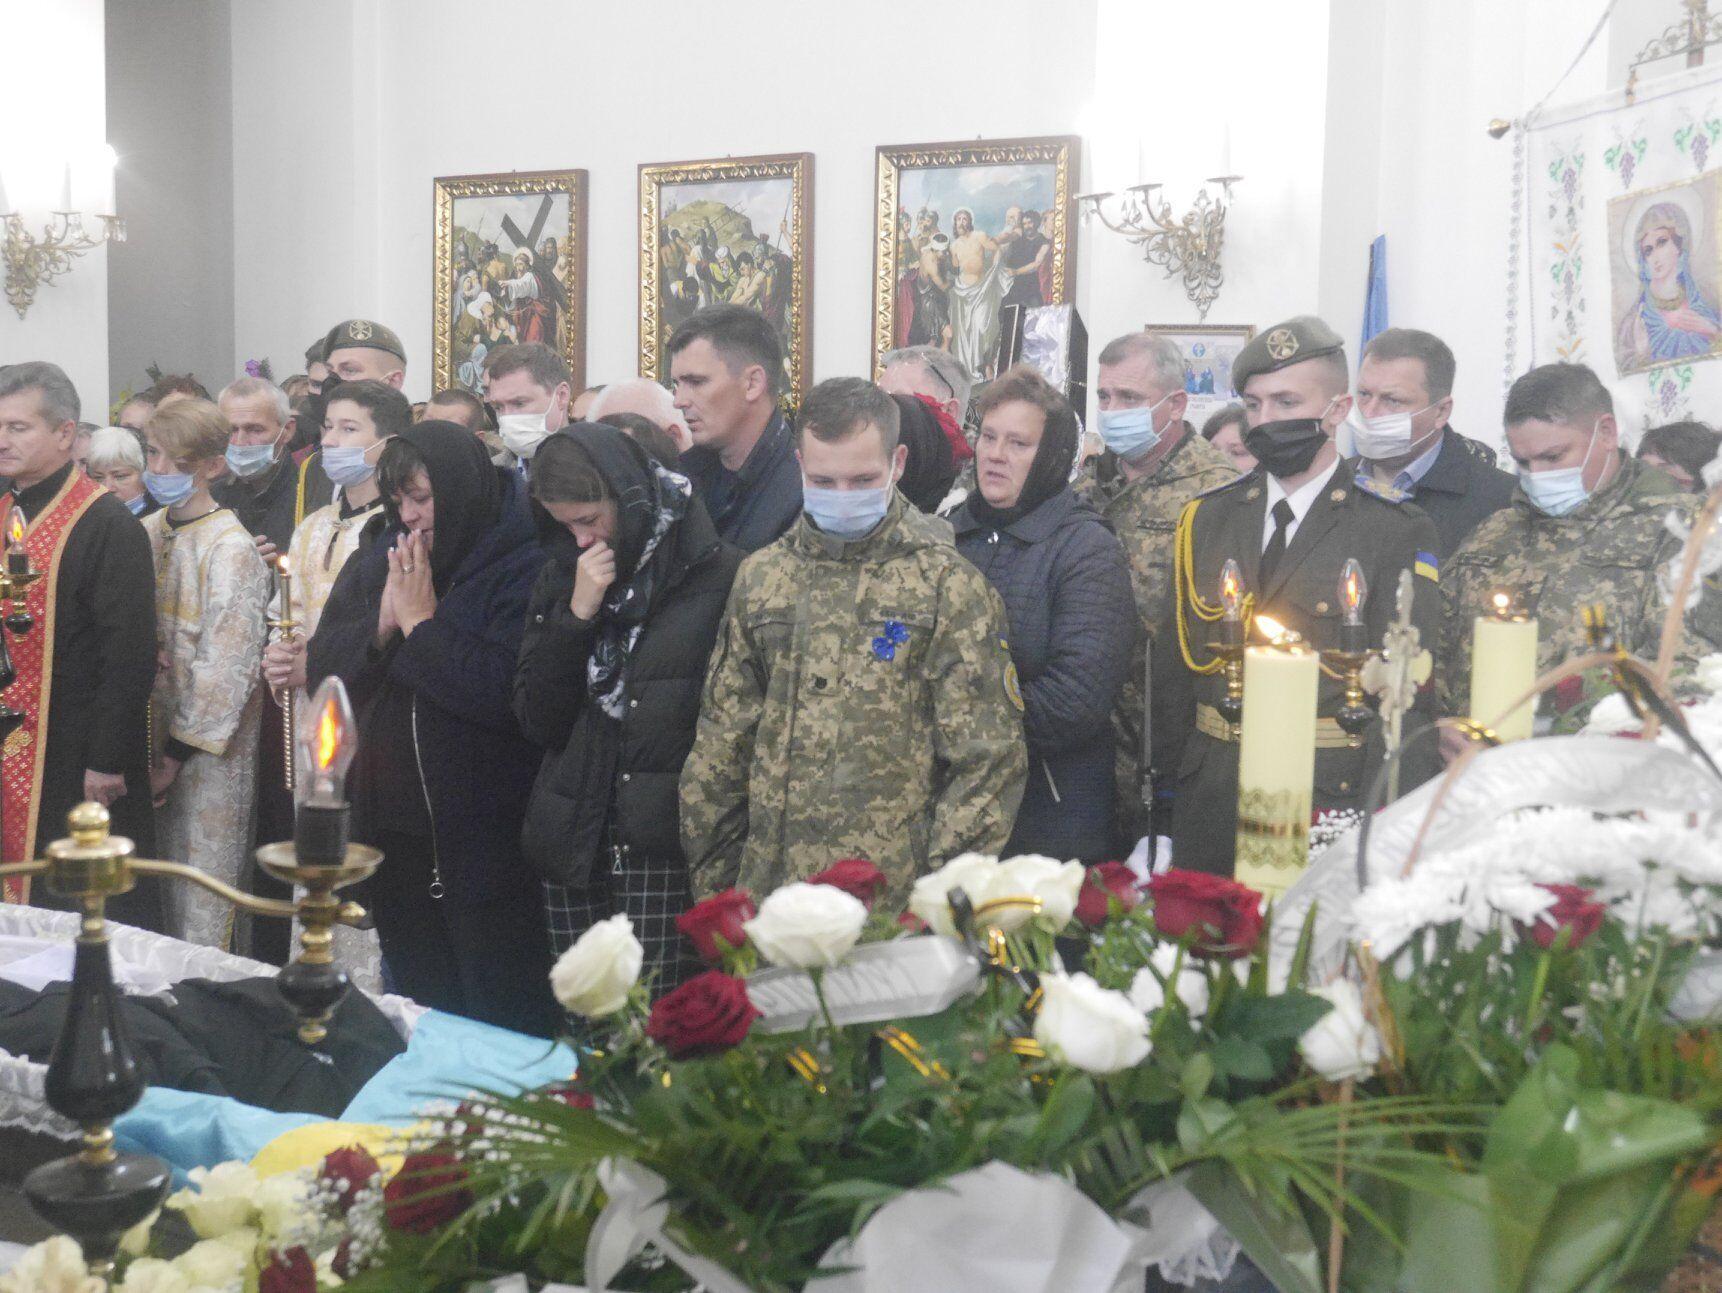 Вільхового поховали в Сокальському районі Львівщини.